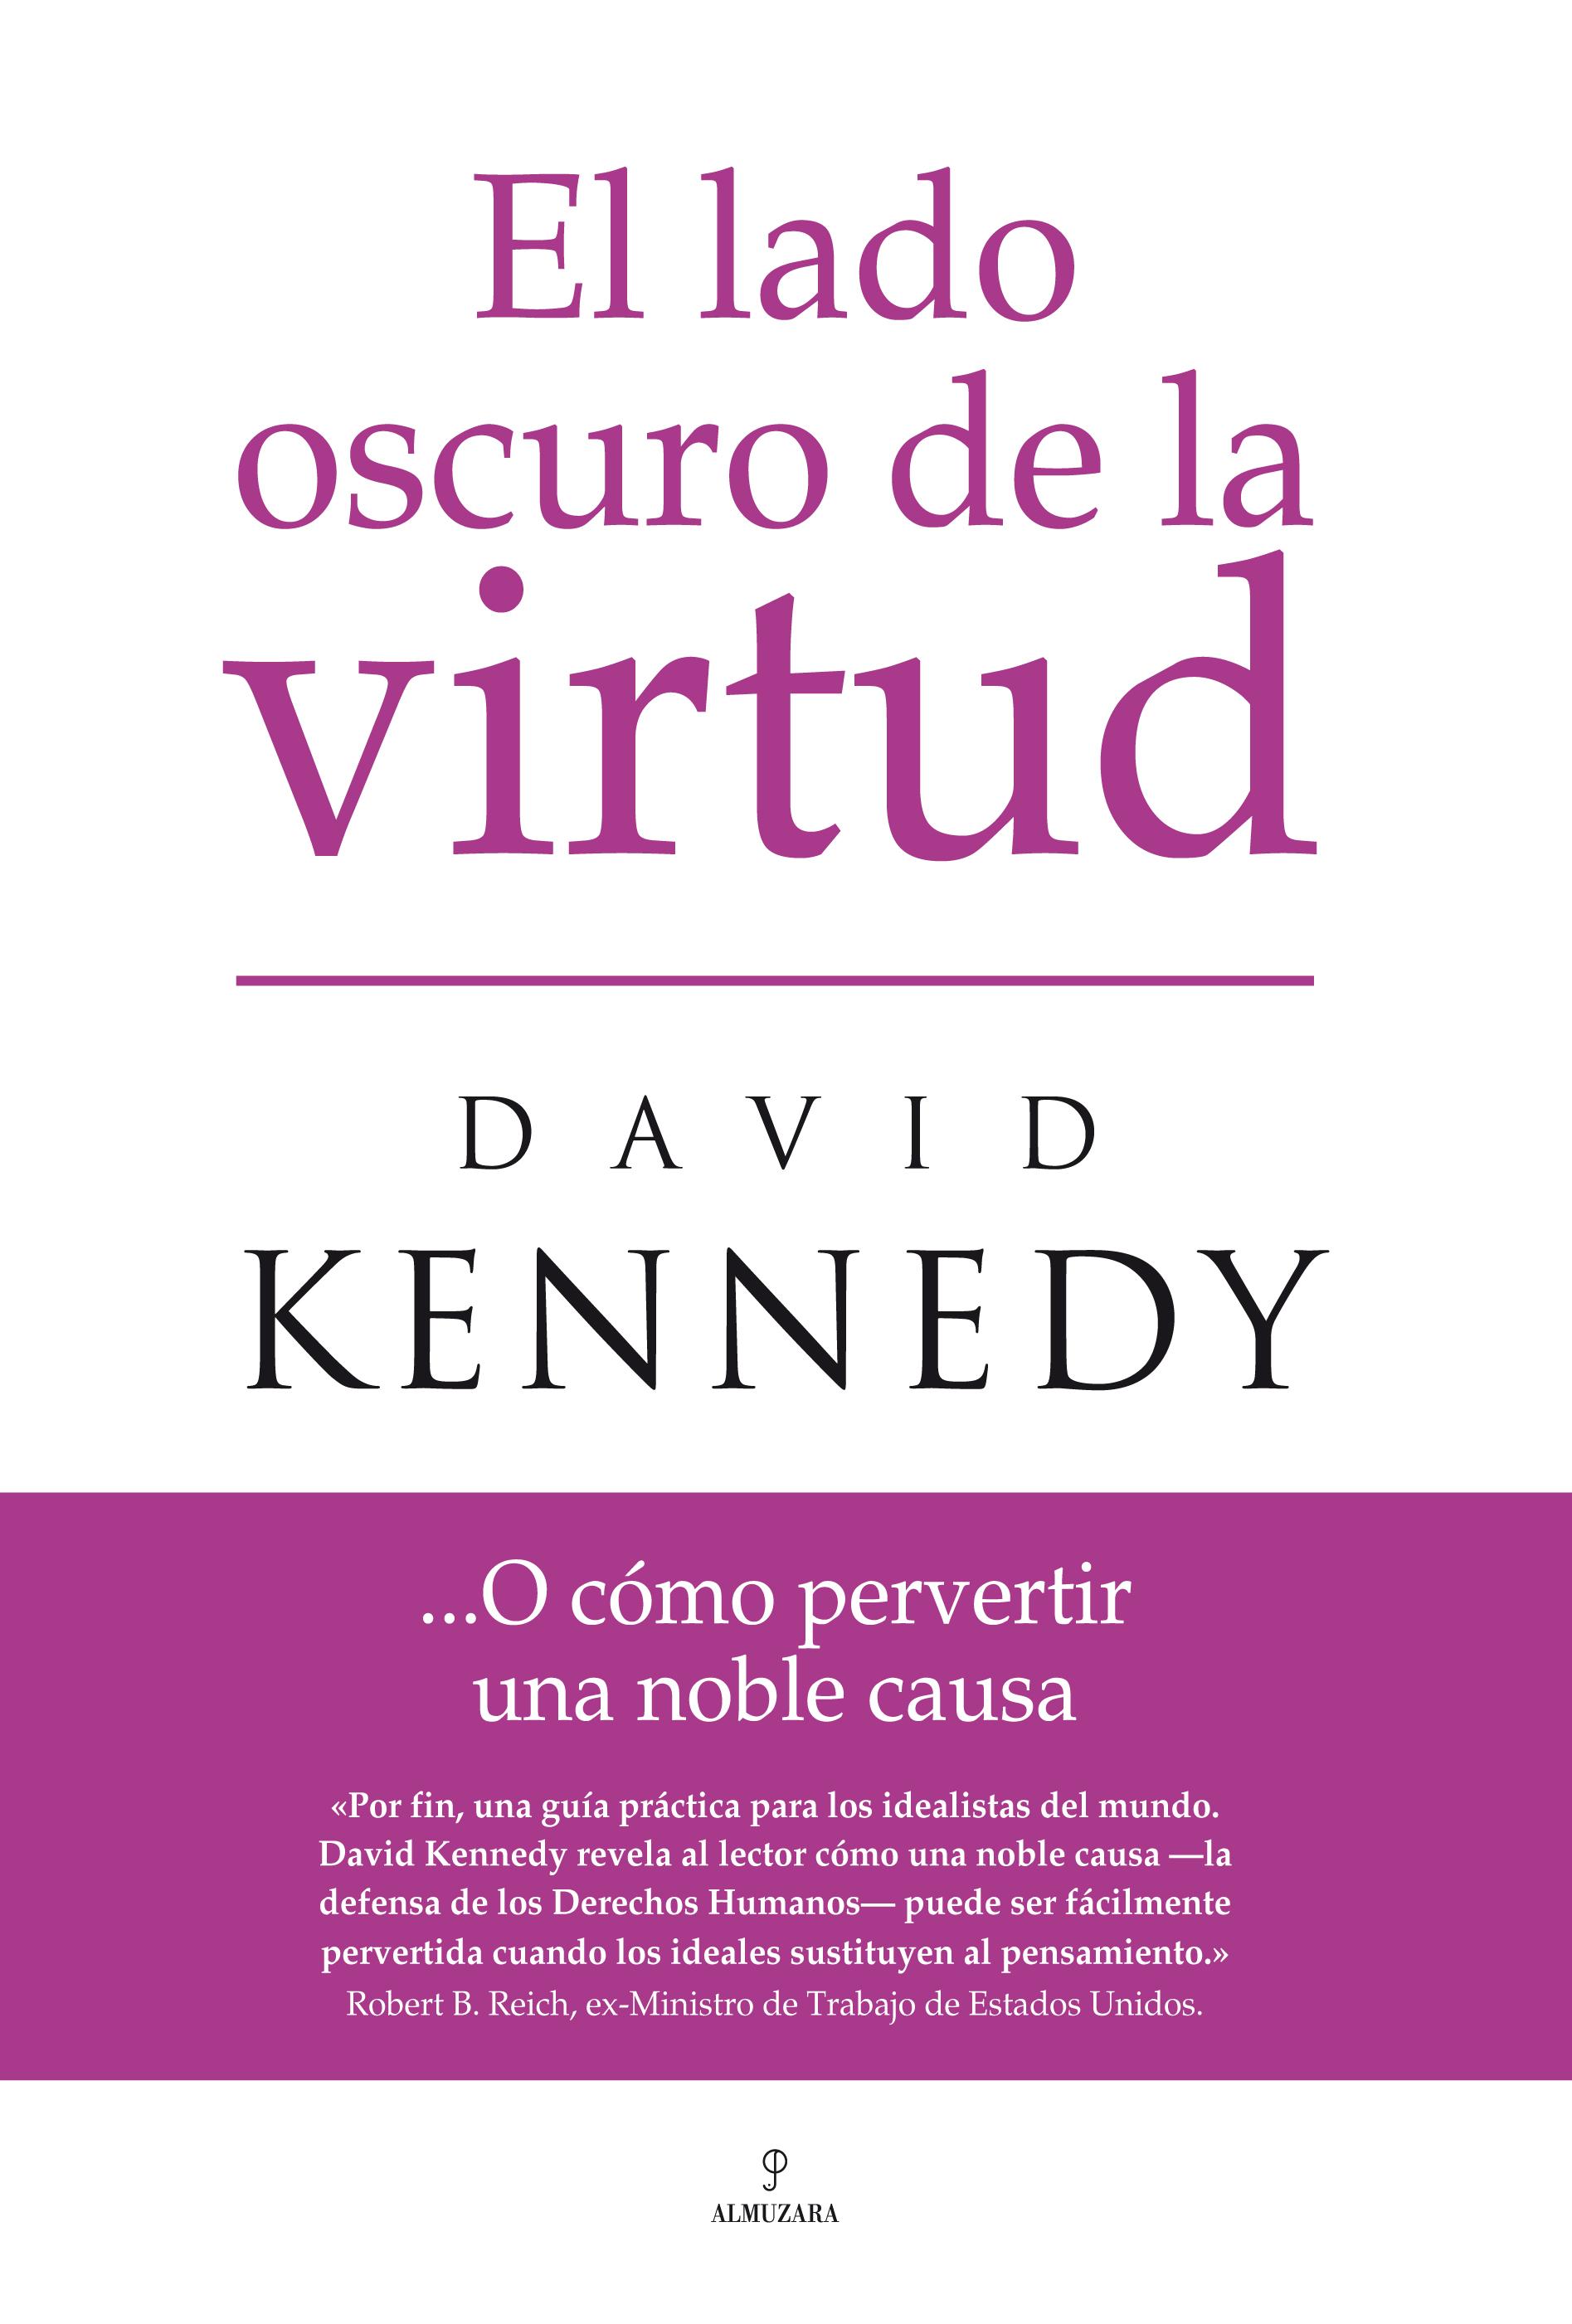 EL LADO OSCURO DE LA VIRTUD: REEVALUANDO EL HUMANITARISMO INTERNACIONAL